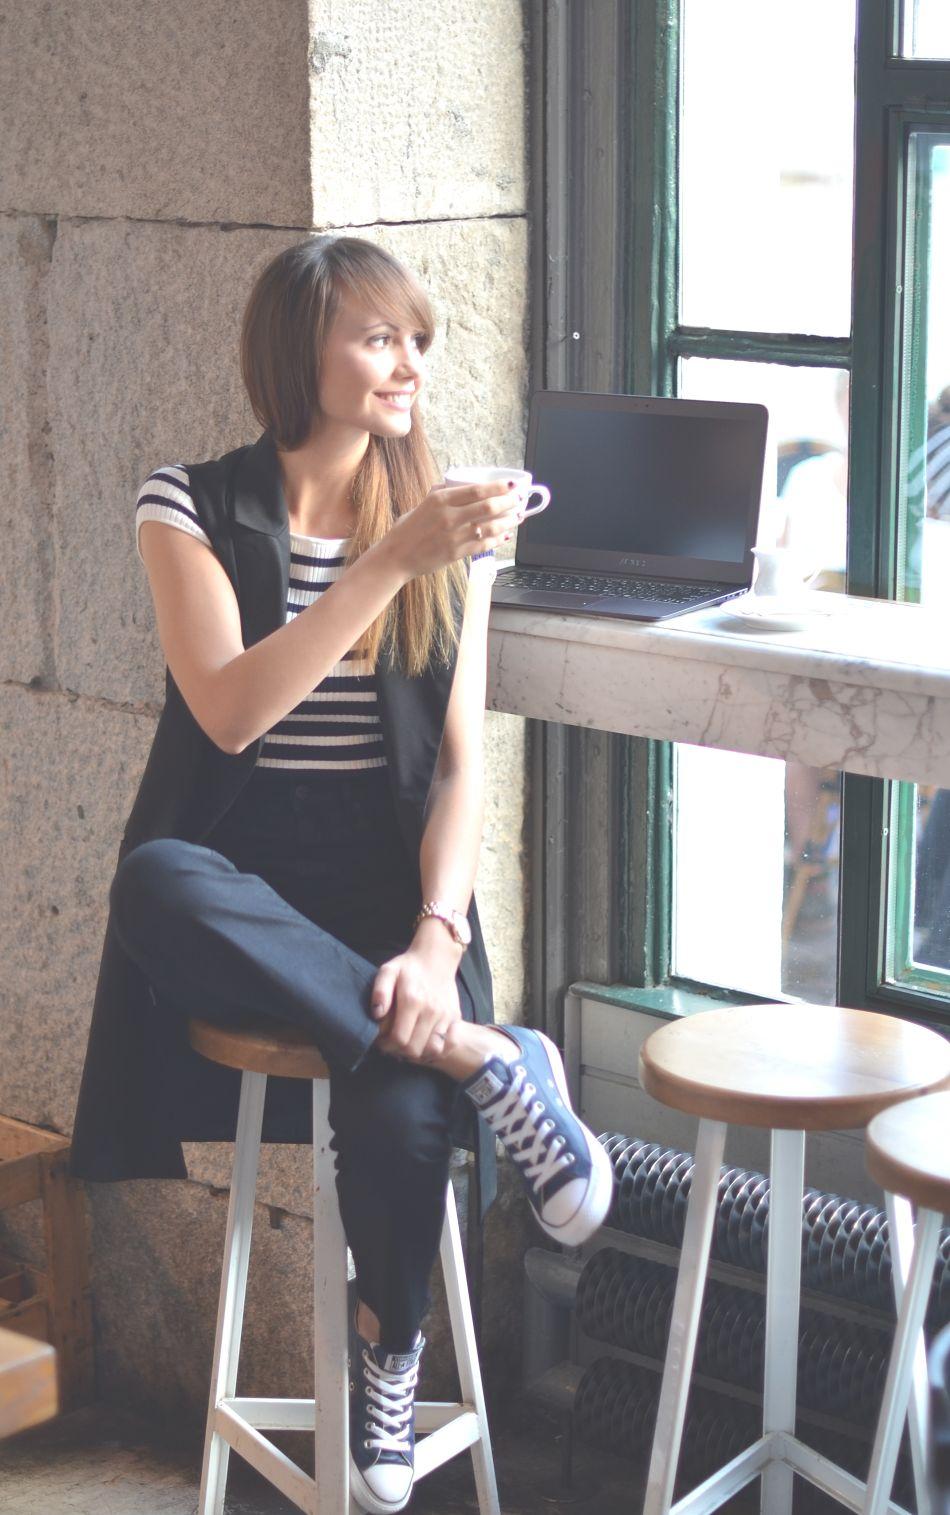 blogi o modzie | blog o modzie | blog modowy | blogerka modowa | ankieta cammy | charlotte krakow | motywacyjny blog